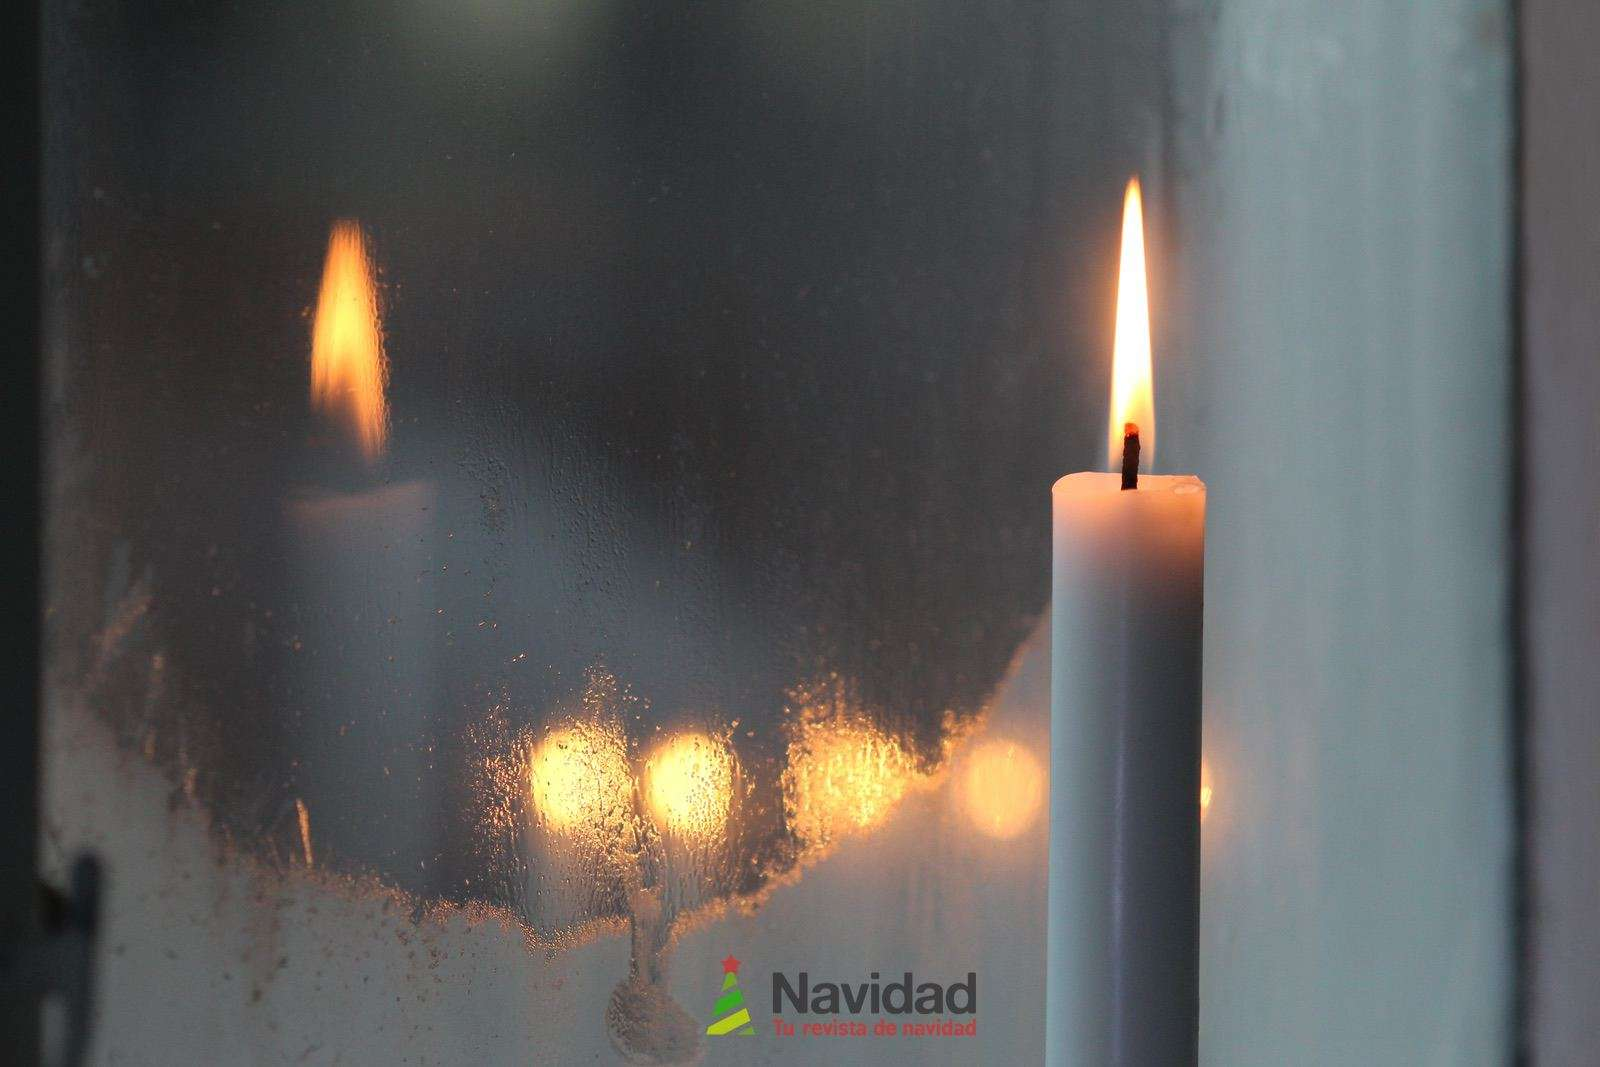 Chimeneas de Navidad para decorar y dar calor en fiestas 61